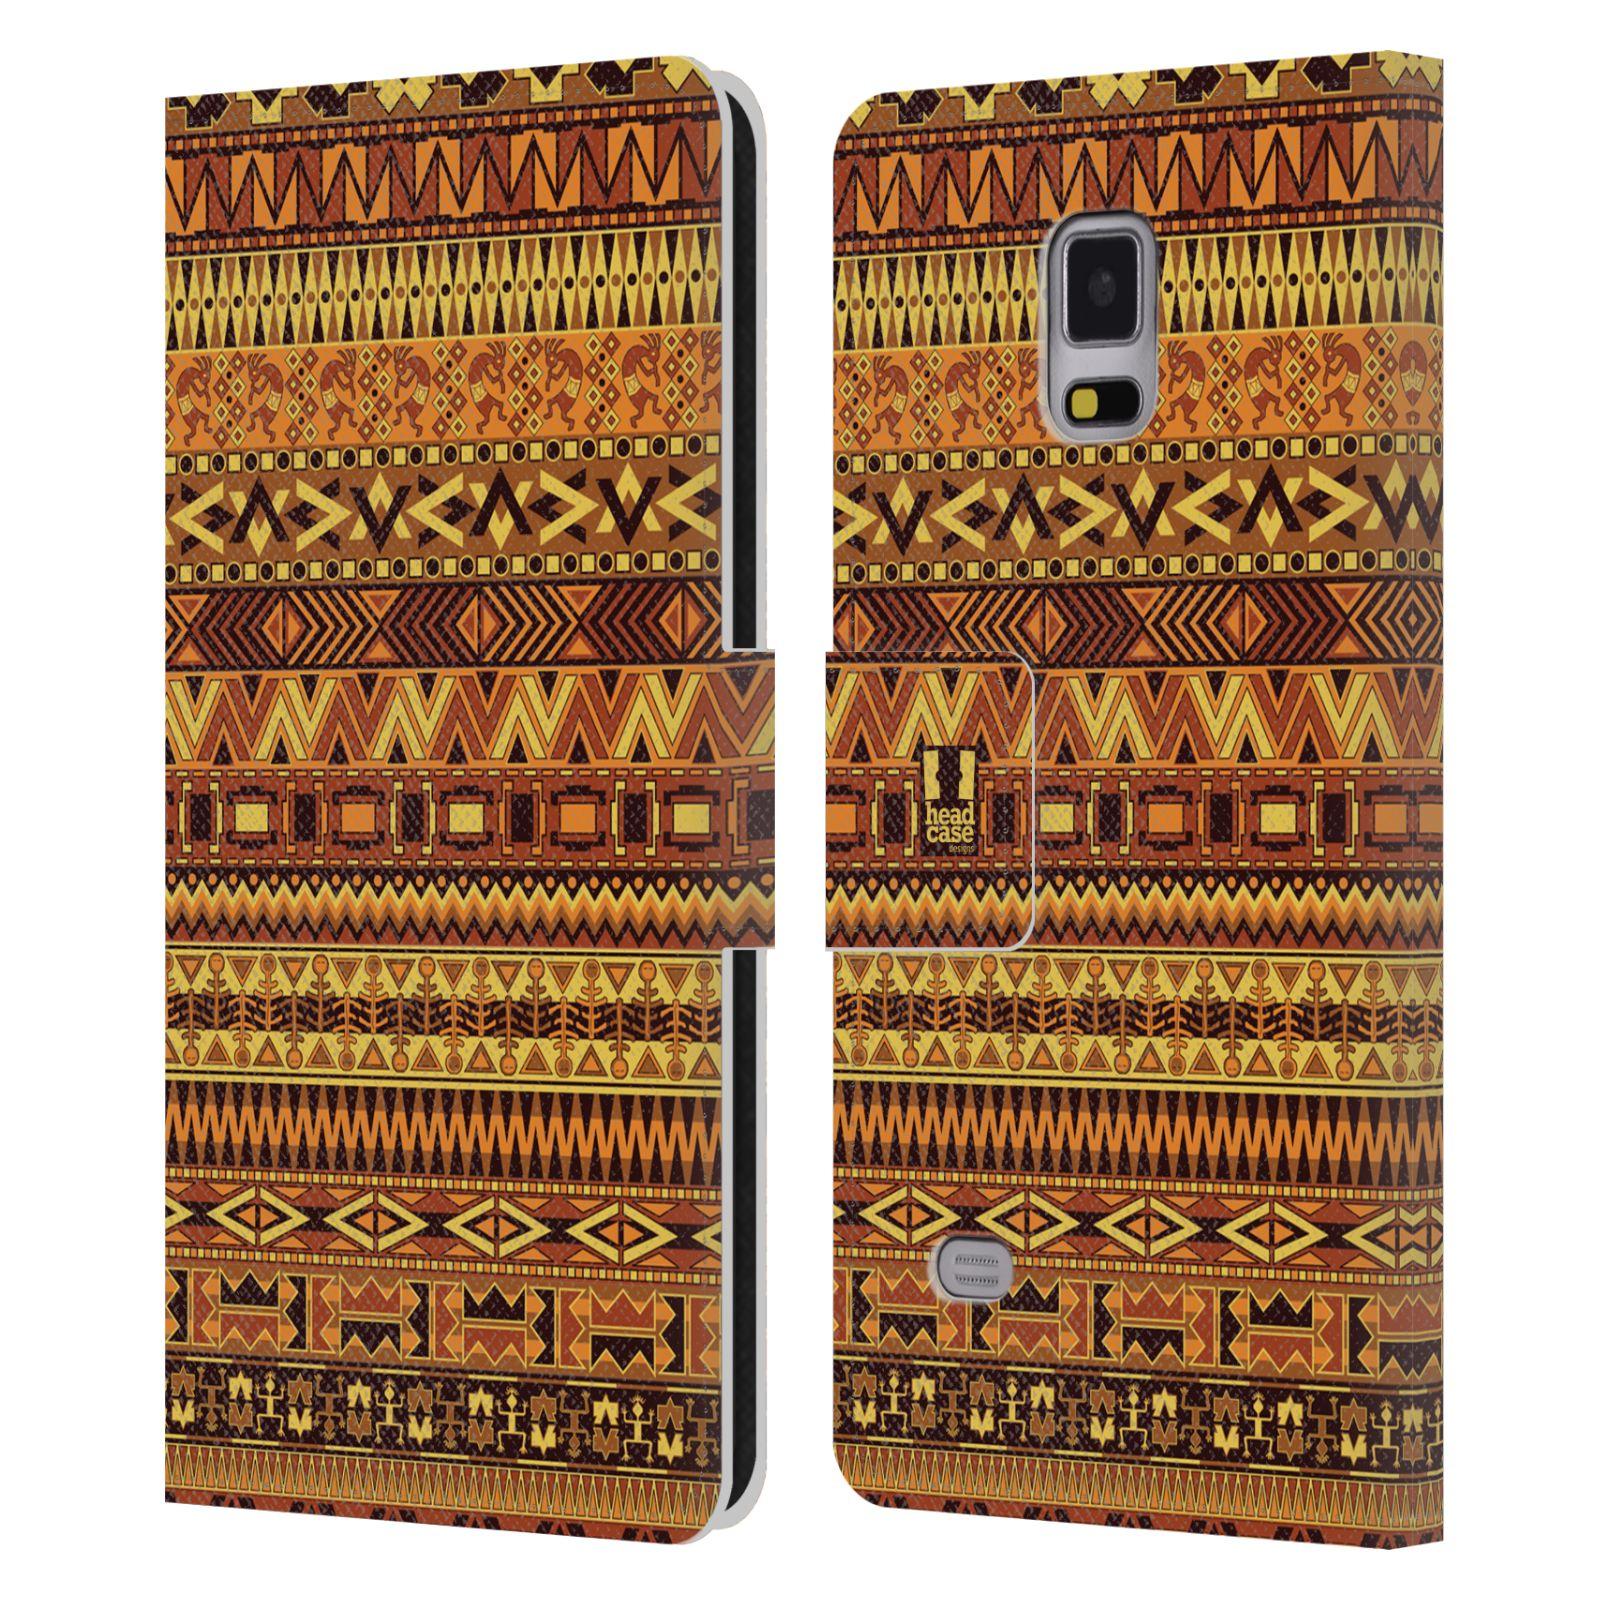 HEAD CASE Flipové pouzdro pro mobil Samsung Galaxy Note 4 Indiánský vzor YELLOW žlutá